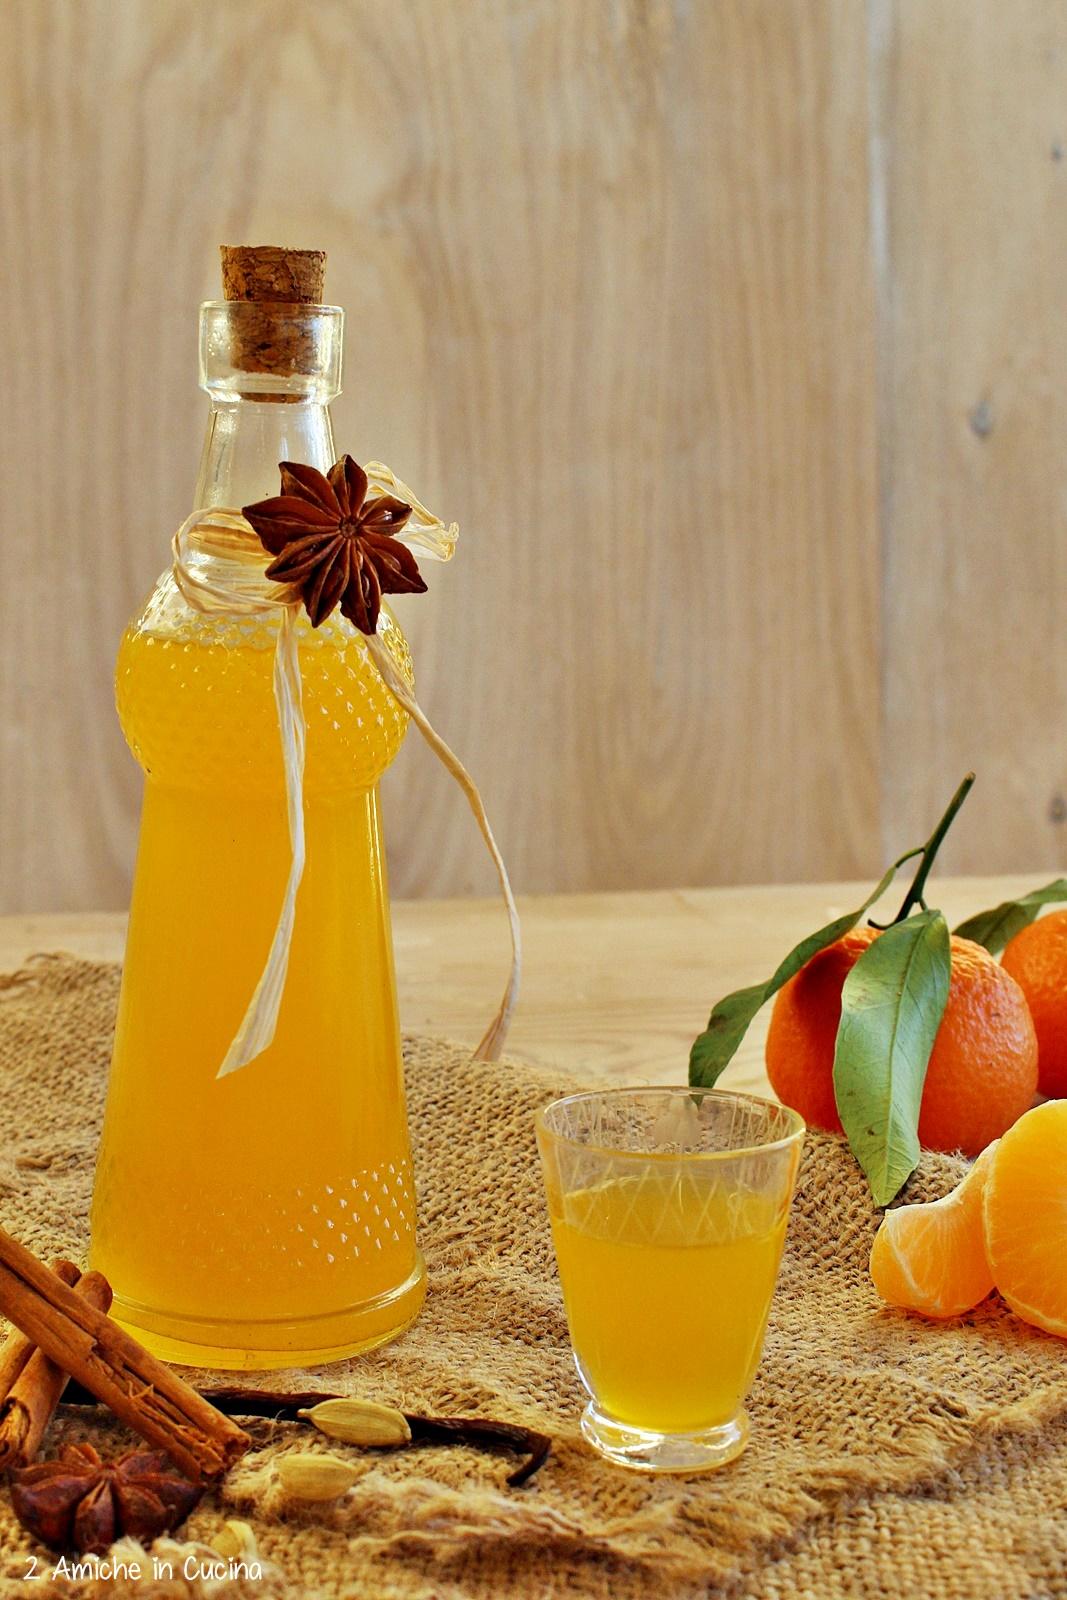 Liquore alle clementine e spezie - liquori fatti in casa